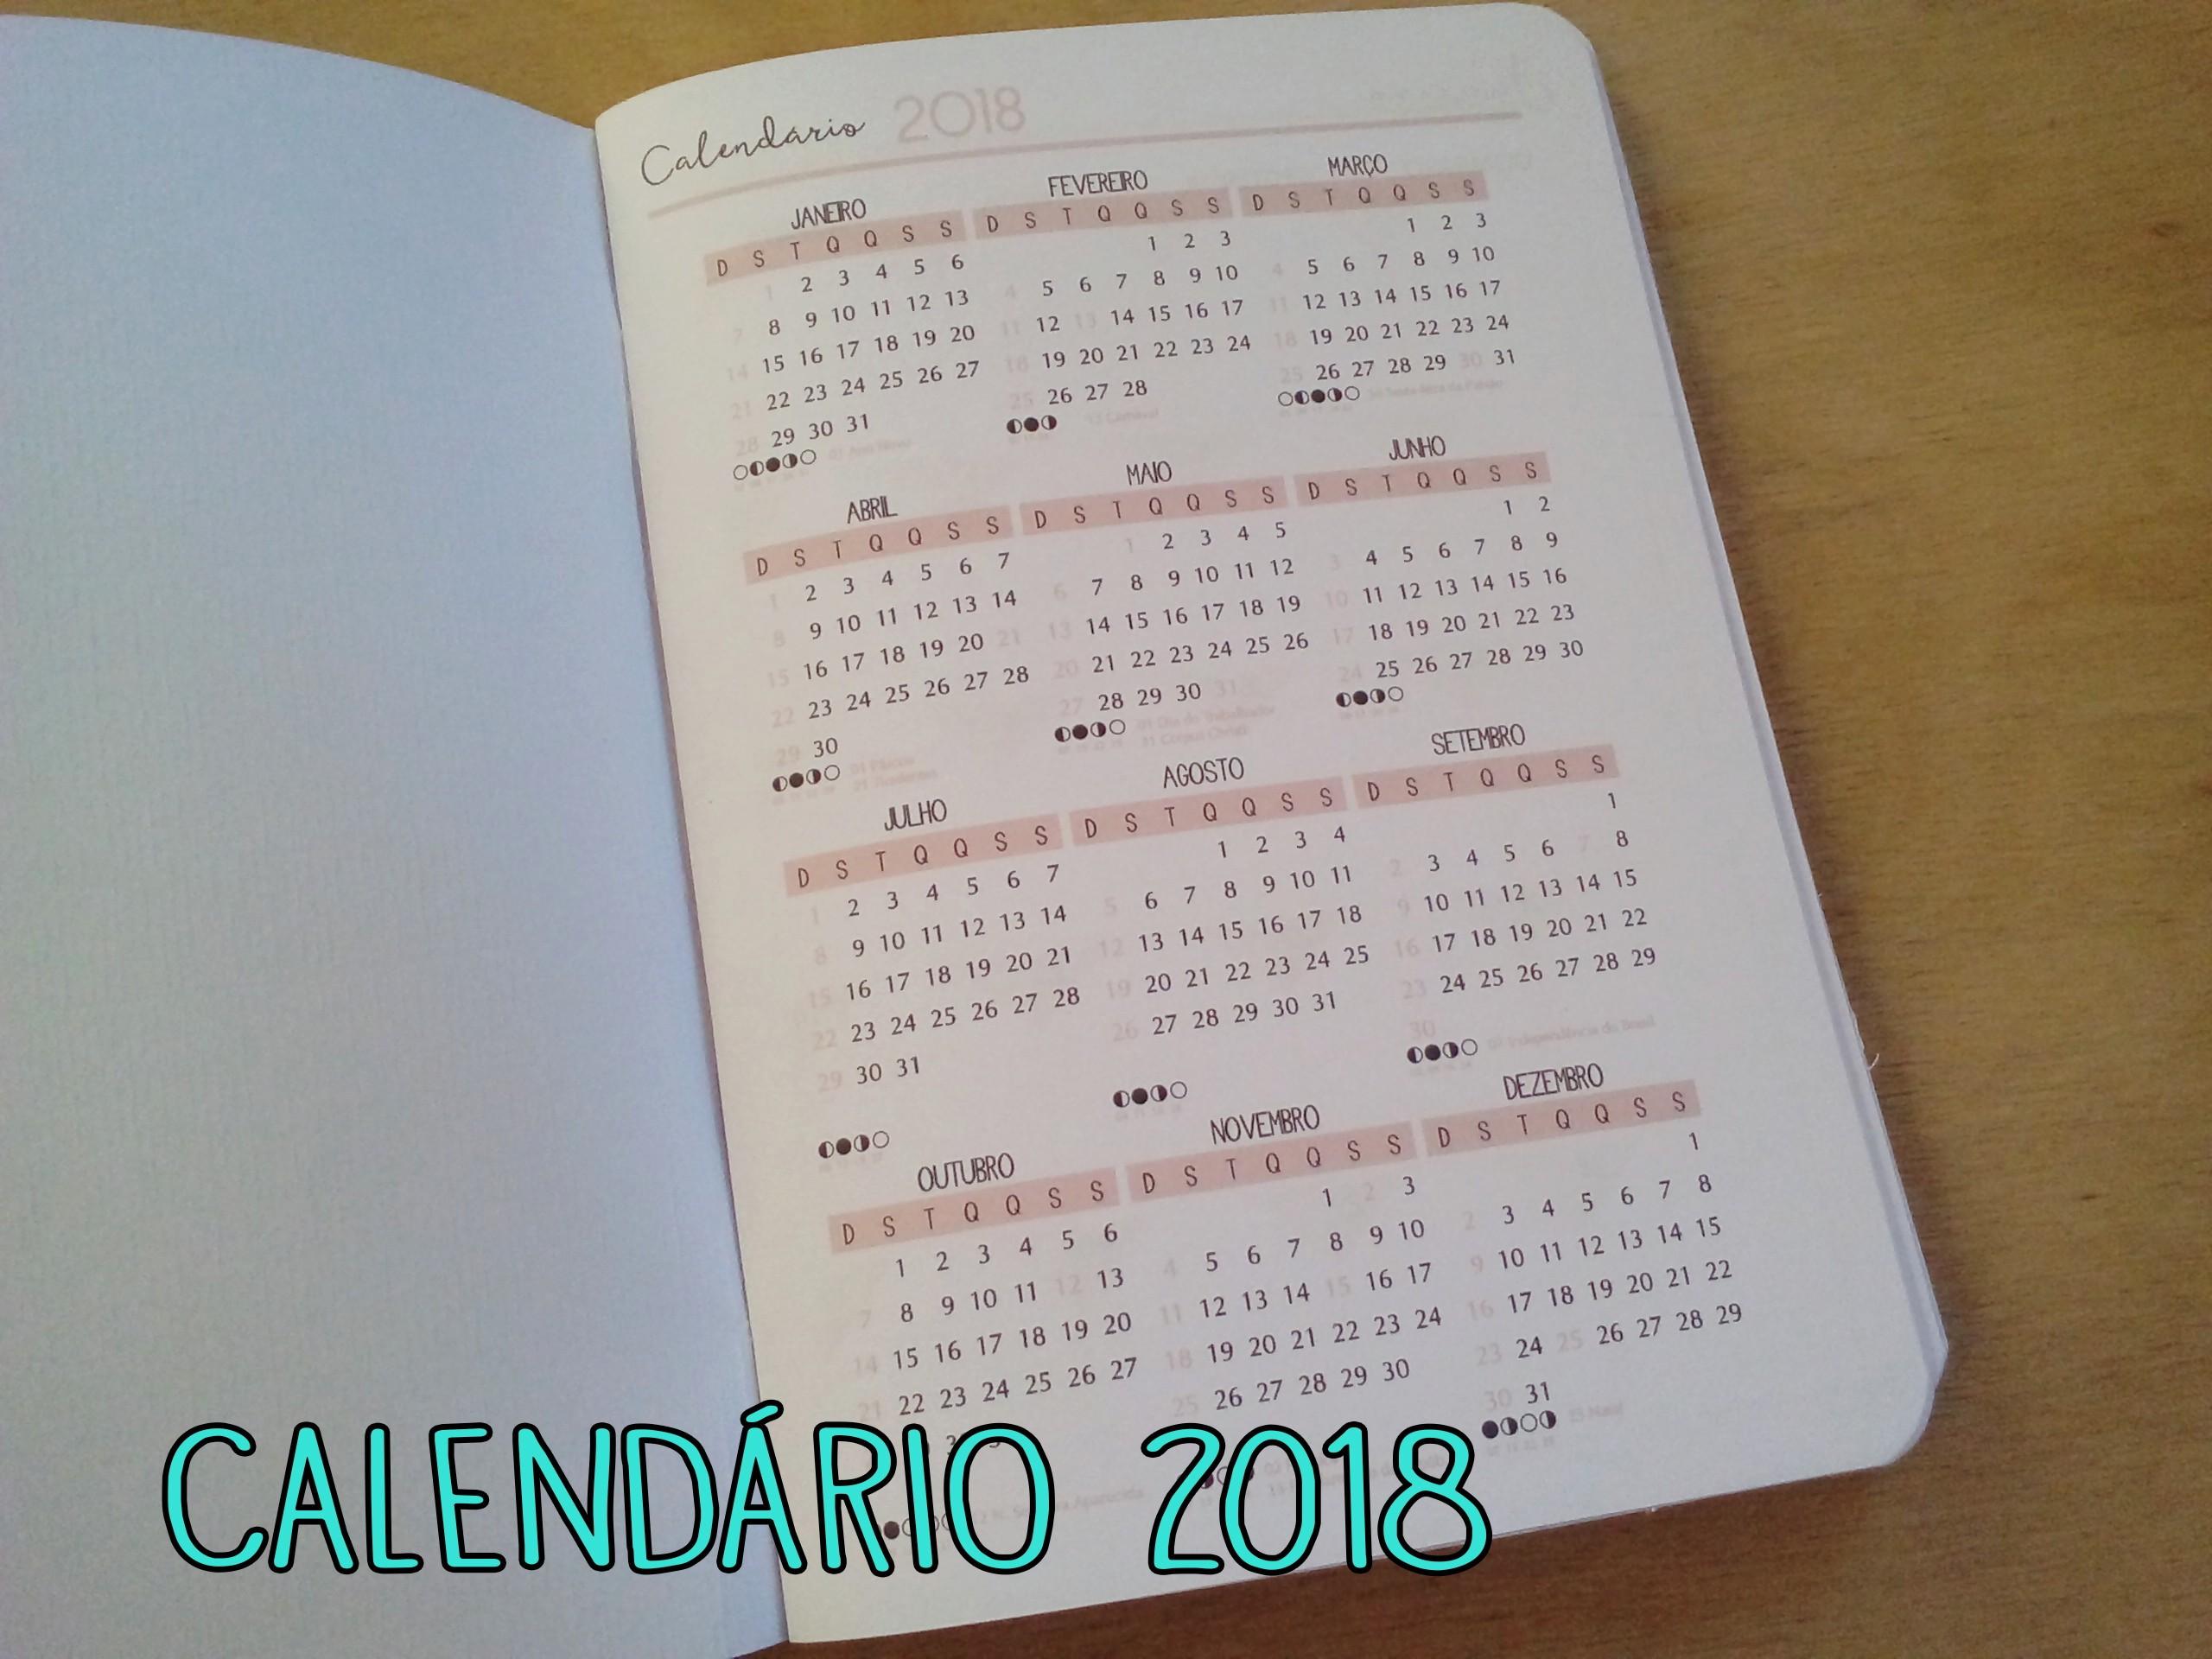 Calendario 2019 Imprimir Fofos Más Populares Planner Mensal 2019 Capa Mole A5 Lhama No Elo7 Of Calendario 2019 Imprimir Fofos Más Recientemente Liberado Calendário 2019 C Im£ Ursinho Marinheiro No Elo7